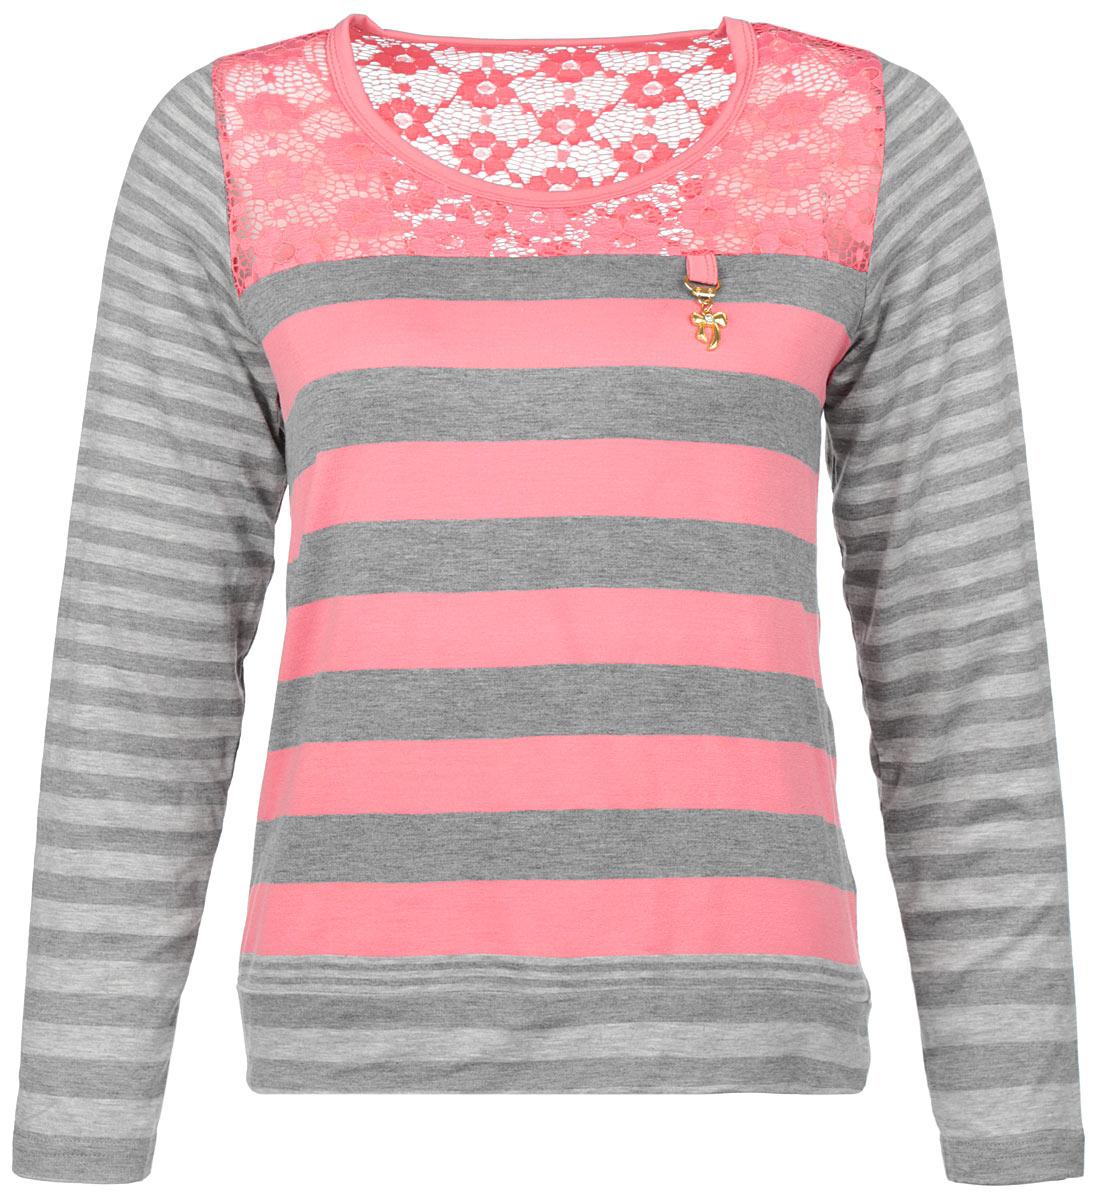 Блузка женская Milana Style, цвет: розовый, серый. 1308-314. Размер 481308-314Стильная блузка Milana Style, выполненная из вискозы с добавлением эластана, подчеркнет ваш уникальный стиль и поможет создать оригинальный женственный образ. Материал очень легкий, мягкий и приятный на ощупь, не сковывает движения и хорошо вентилируется. Блузка с длинными рукавами и круглым воротником оформлена принтом полоски. Область выреза горловины с лицевой стороны и на спинке выполнена кружевом с цветочным узором. На груди блузка декорирована металлической подвеской в виде бантика. Модная блузка займет достойное место в вашем гардеробе.